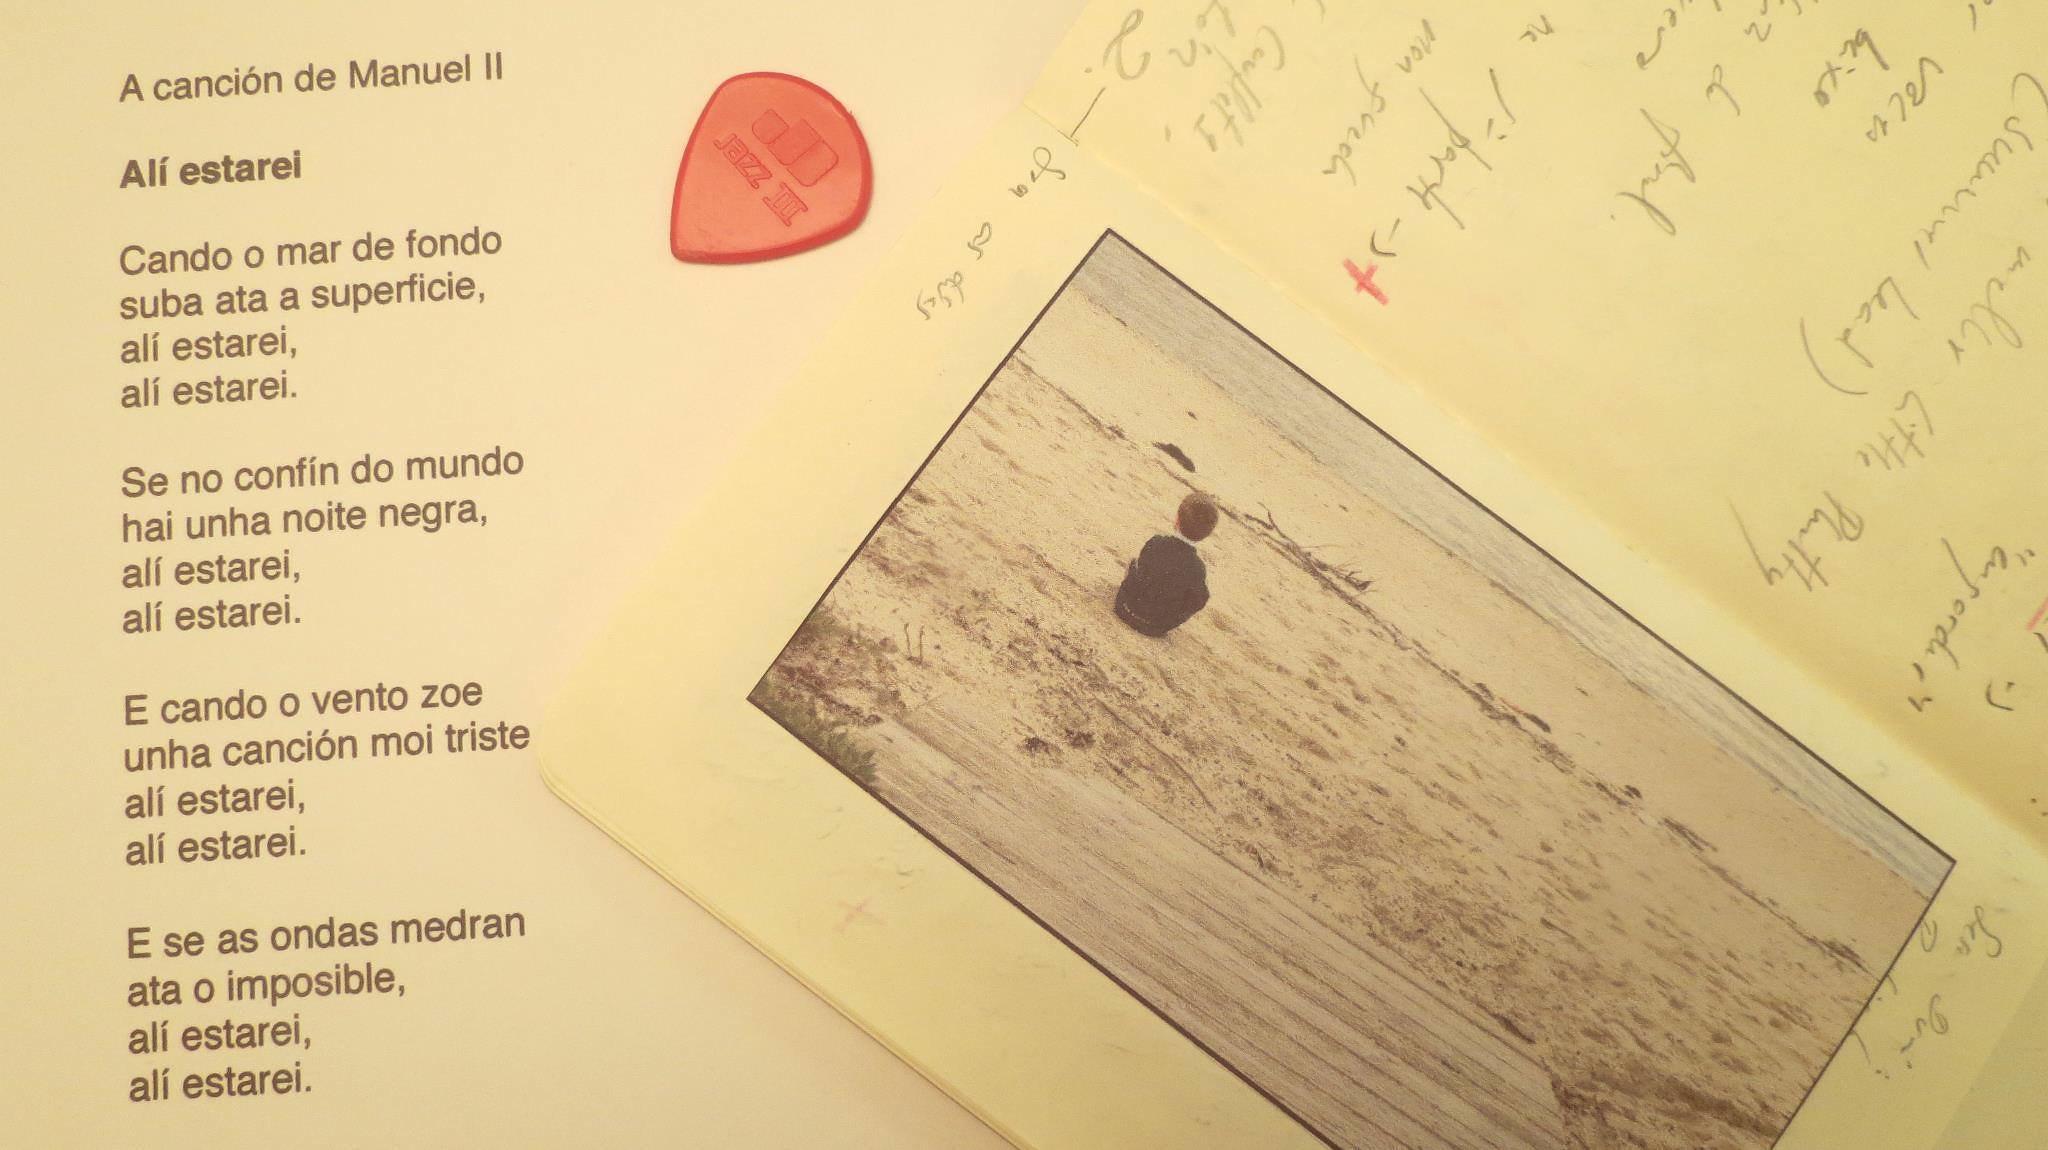 Alí estarei, por Suso Durán y Olga Lalín